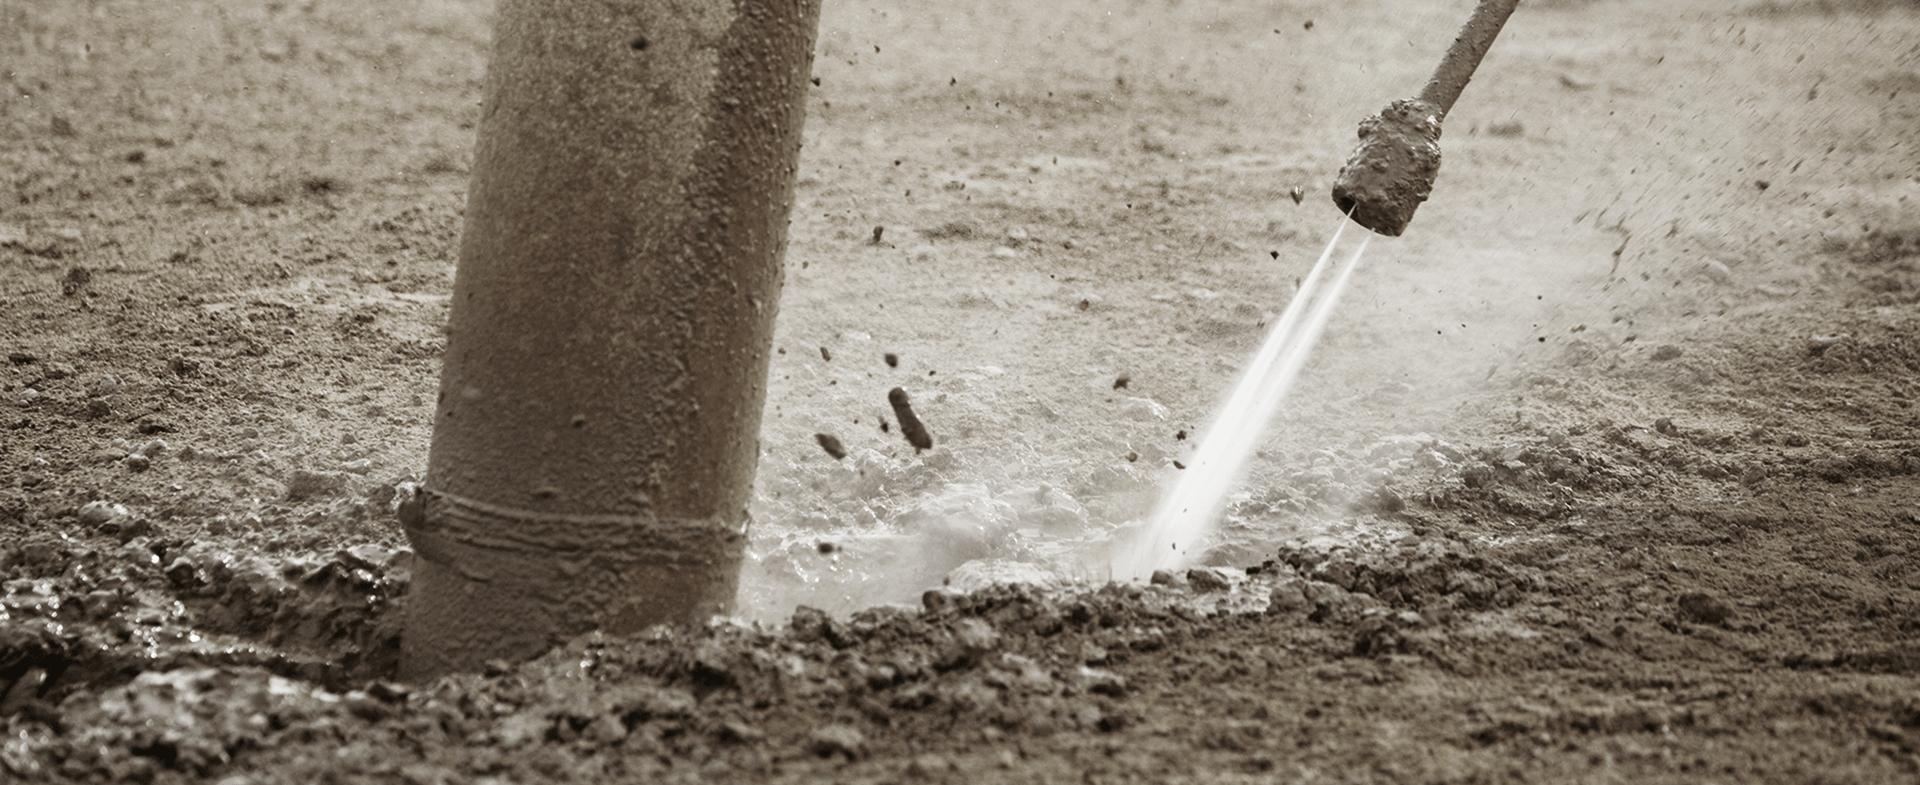 Digging Safe with TRUVAC Vacuum Excavators